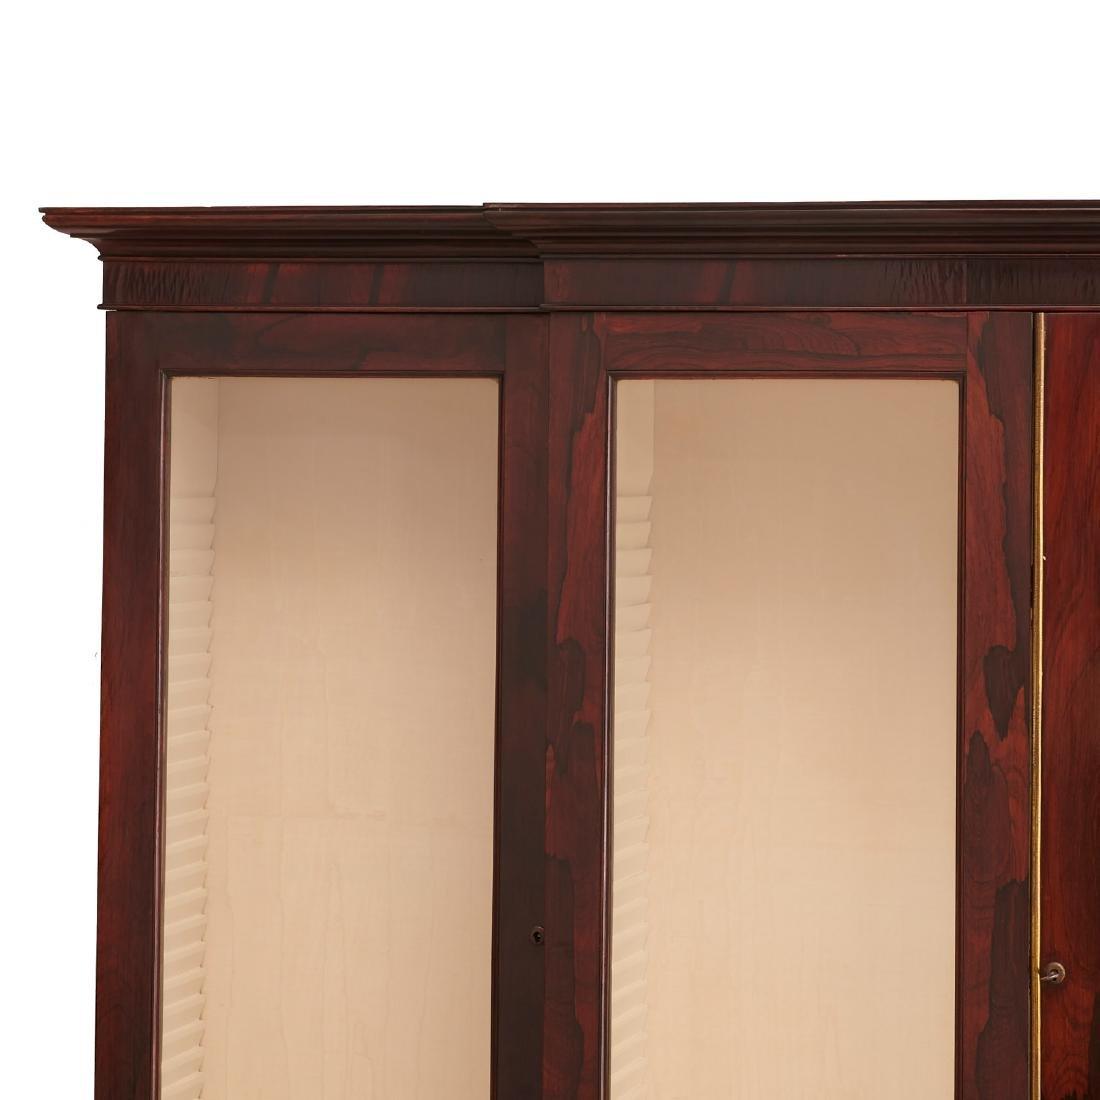 English Regency breakfront bookcase - 2